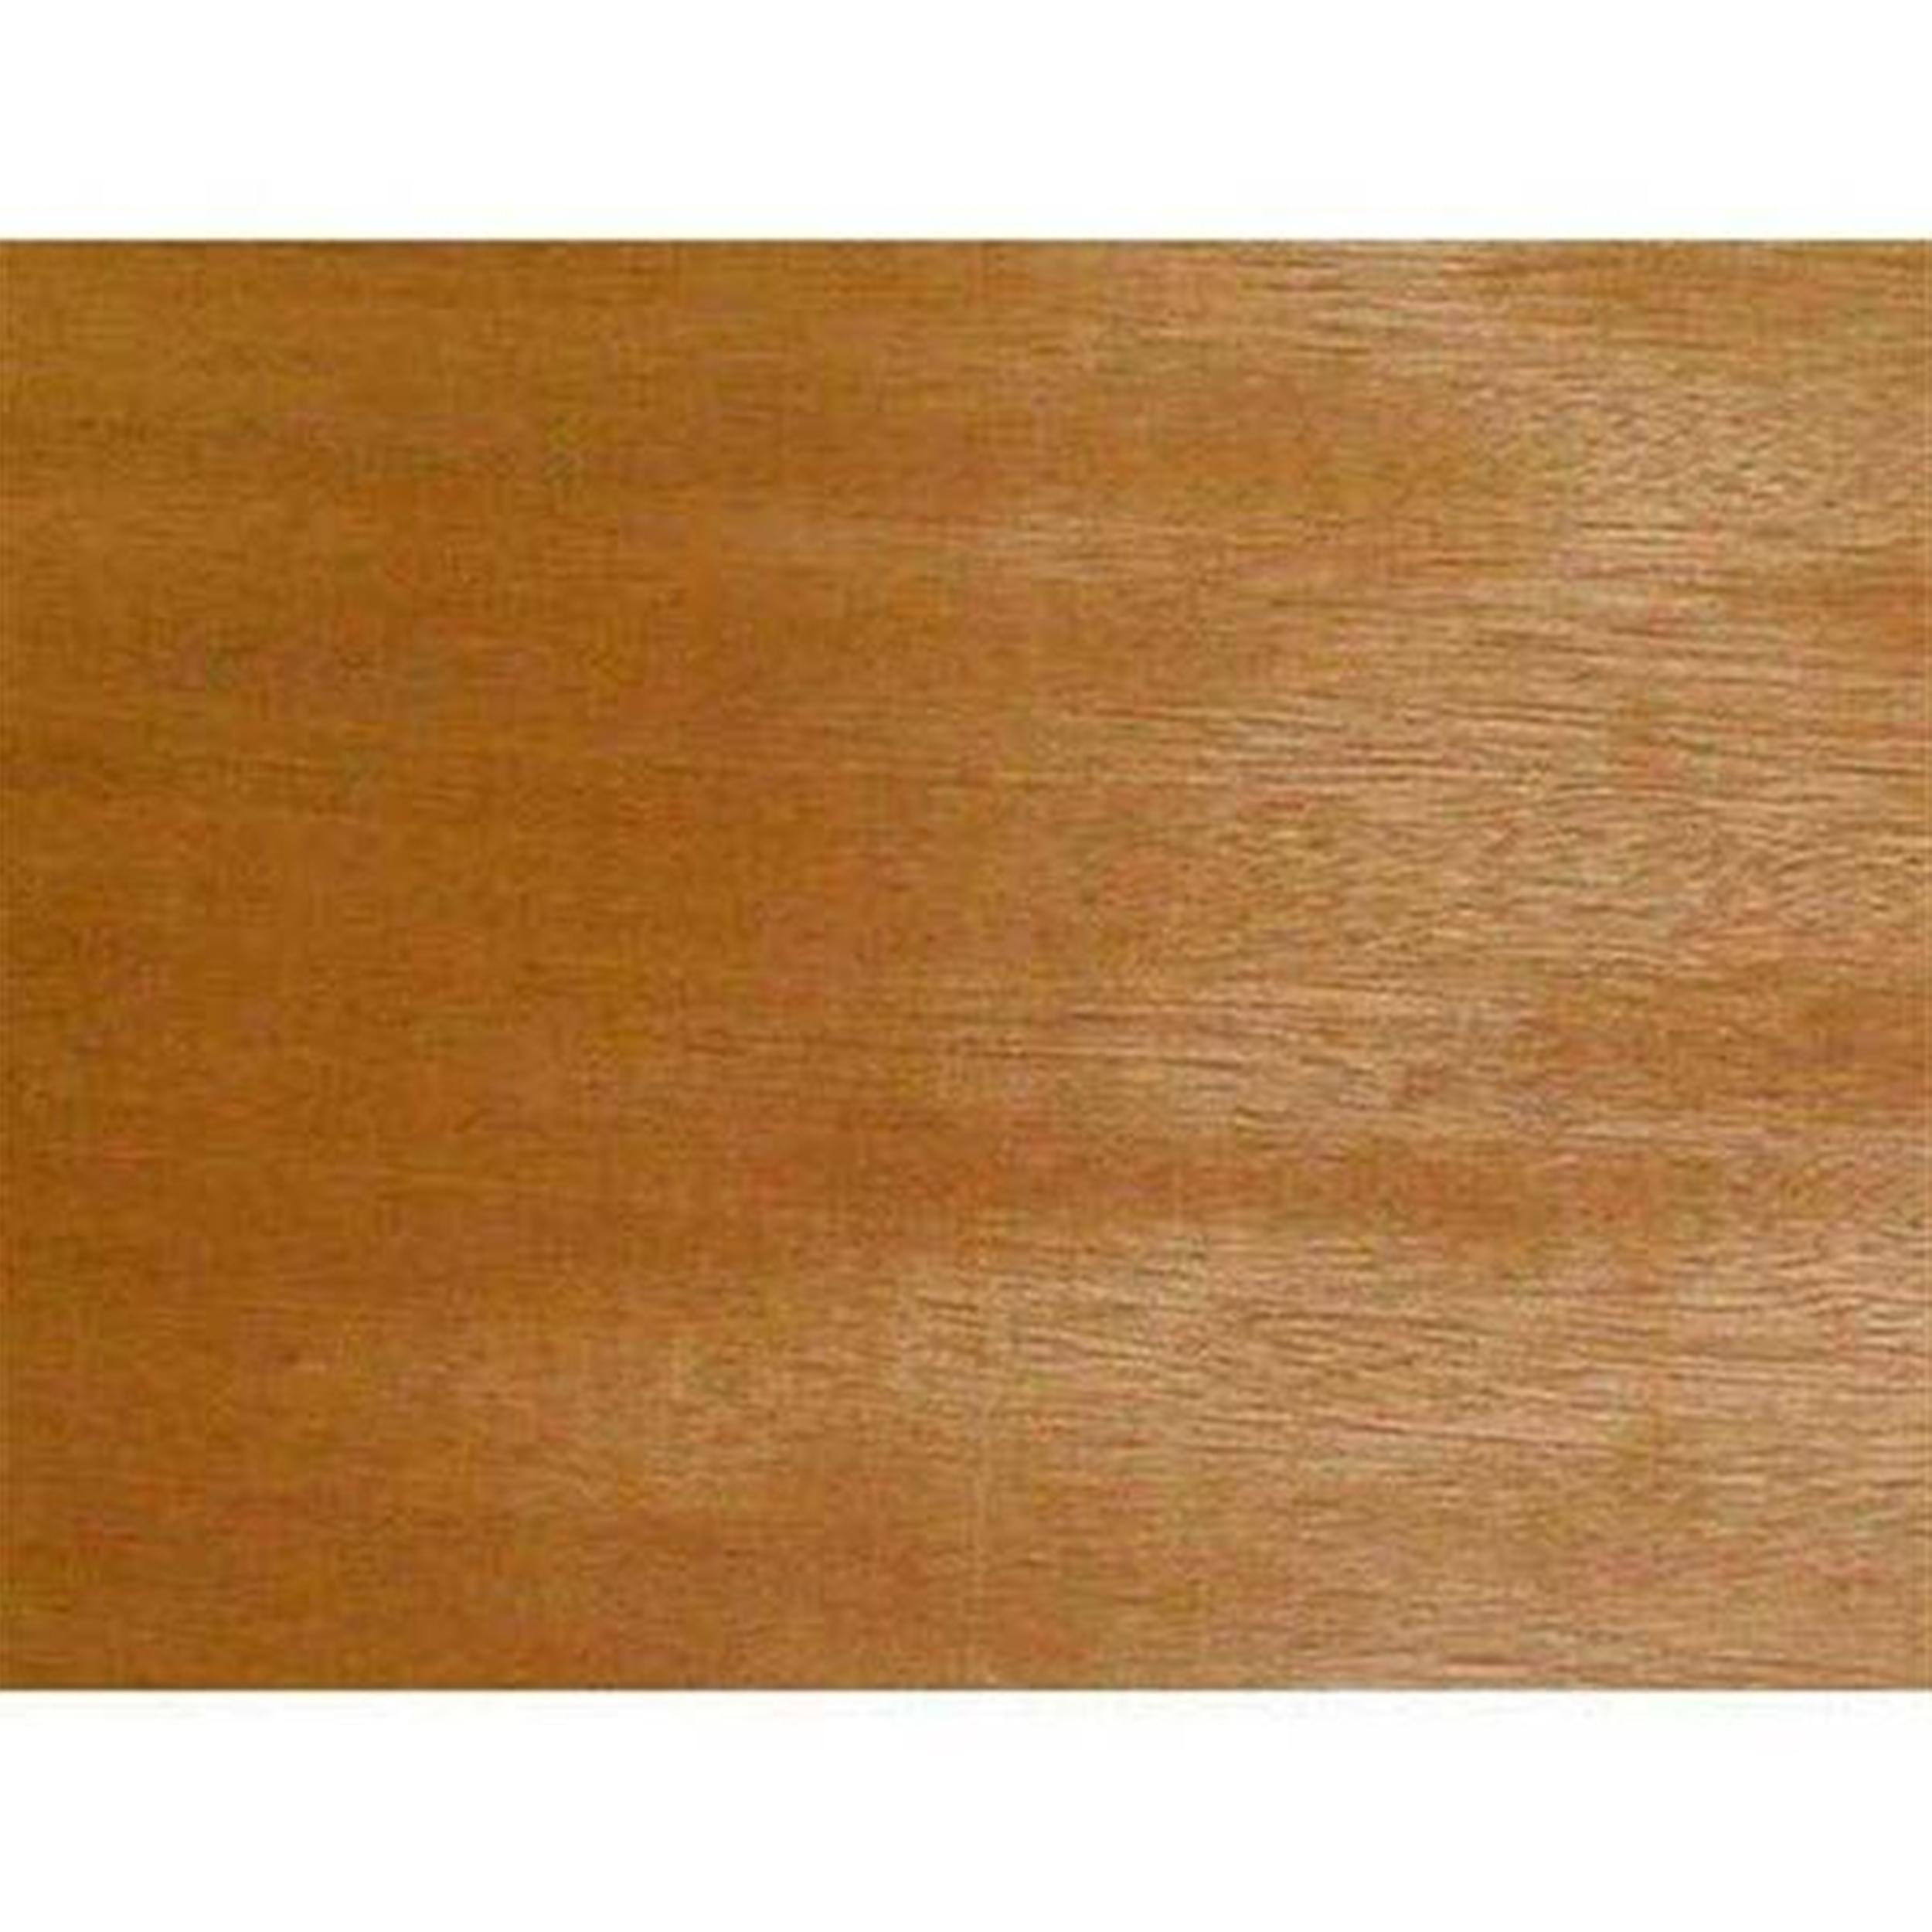 Mahogany 1' x 8' 3M? PSA Backed Flat Cut Wood Veneer